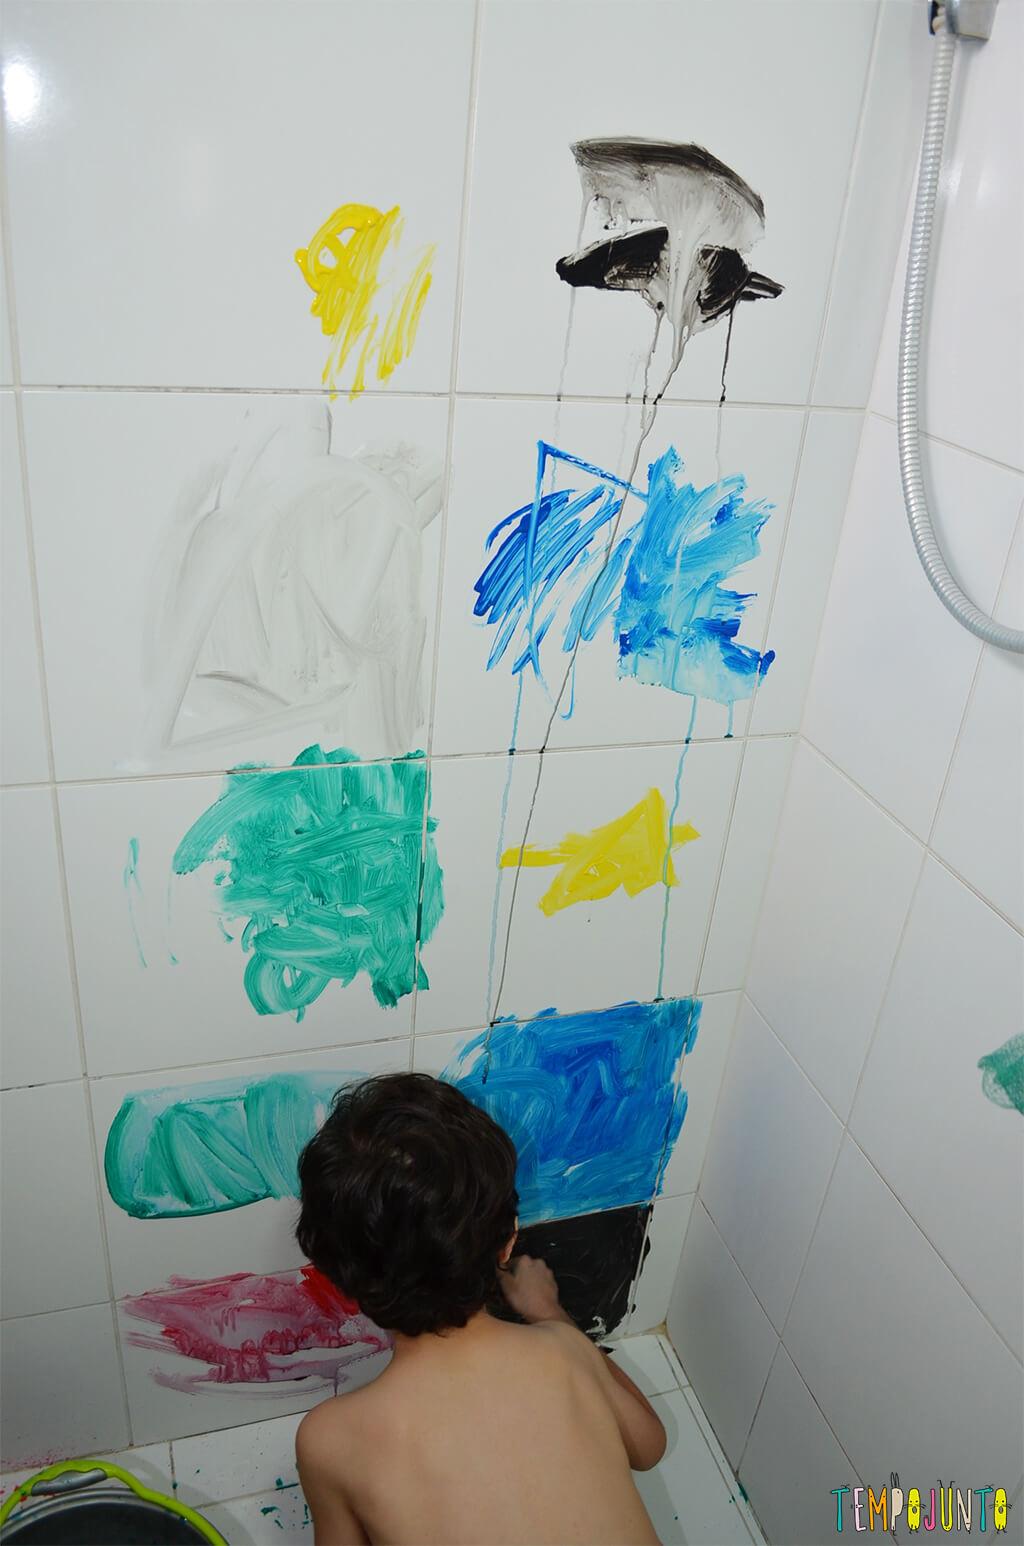 Até o banheiro é lugar de brincar e criar obras de arte - Tempojunto | Aproveitando cada minuto com seus filhos